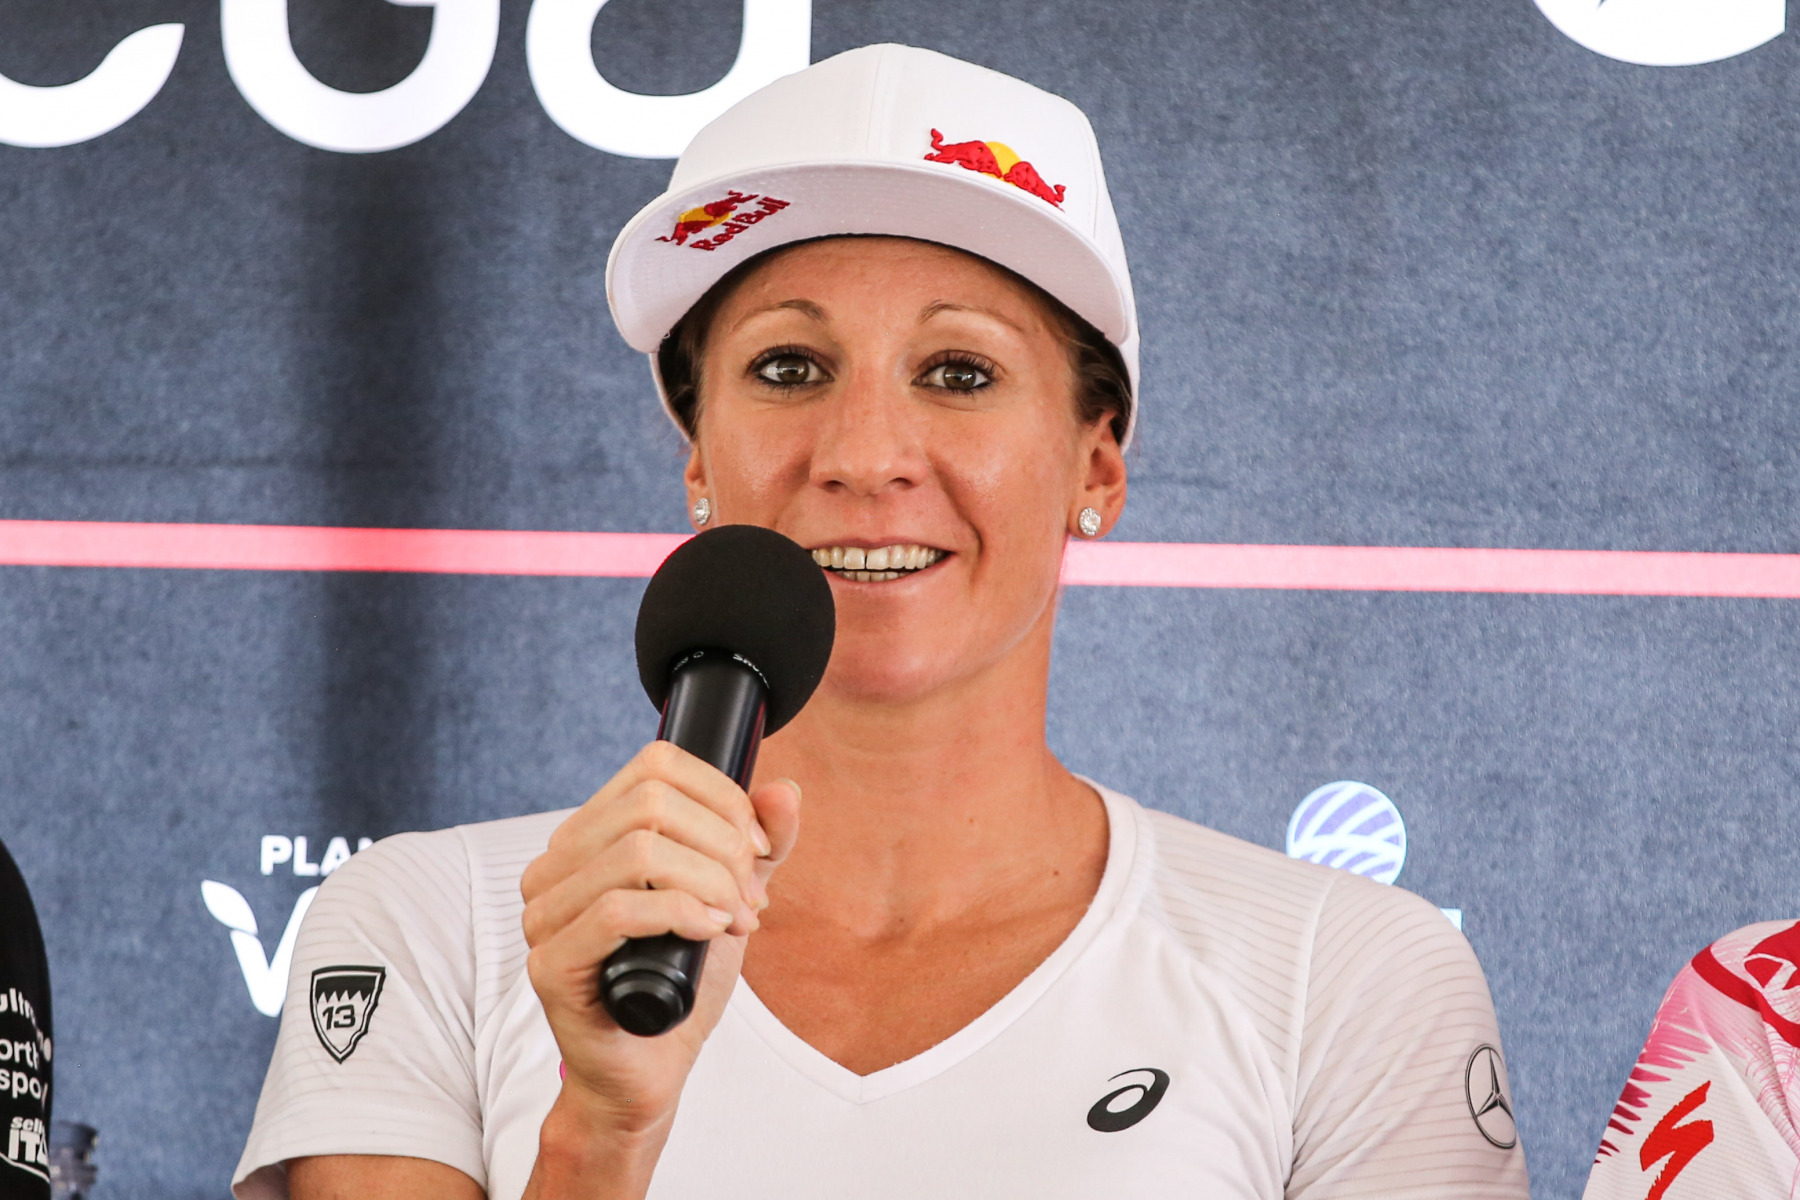 """Daniela Ryf (1. Platz 2015-2018): """"Das Niveau wird jedes Jahr besser. Man kann sich keine Schwäche mehr leisten. Nach der 70.3-WM konnte ich mich gut vorbereiten. Jetzt geht es darum, das im Rennen abzurufen."""""""